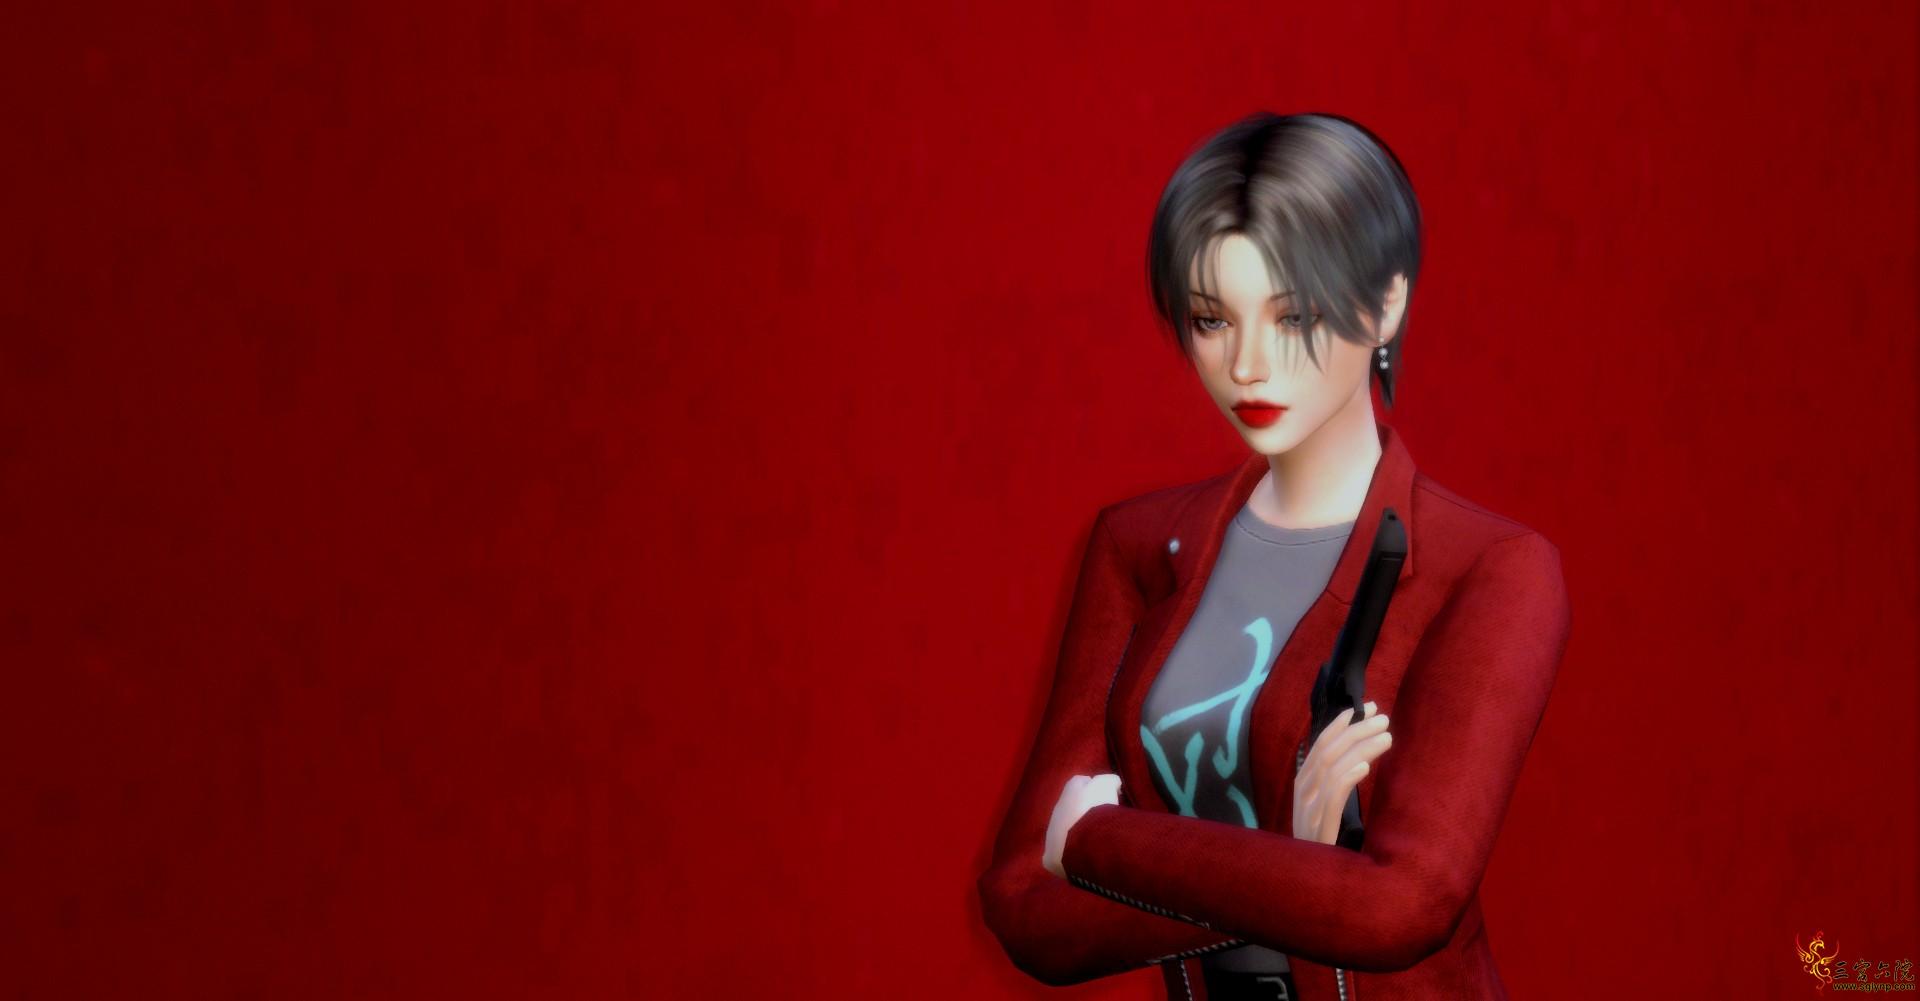 Sims 4 Screenshot 2021.02.24 - 00.46.35.46.png